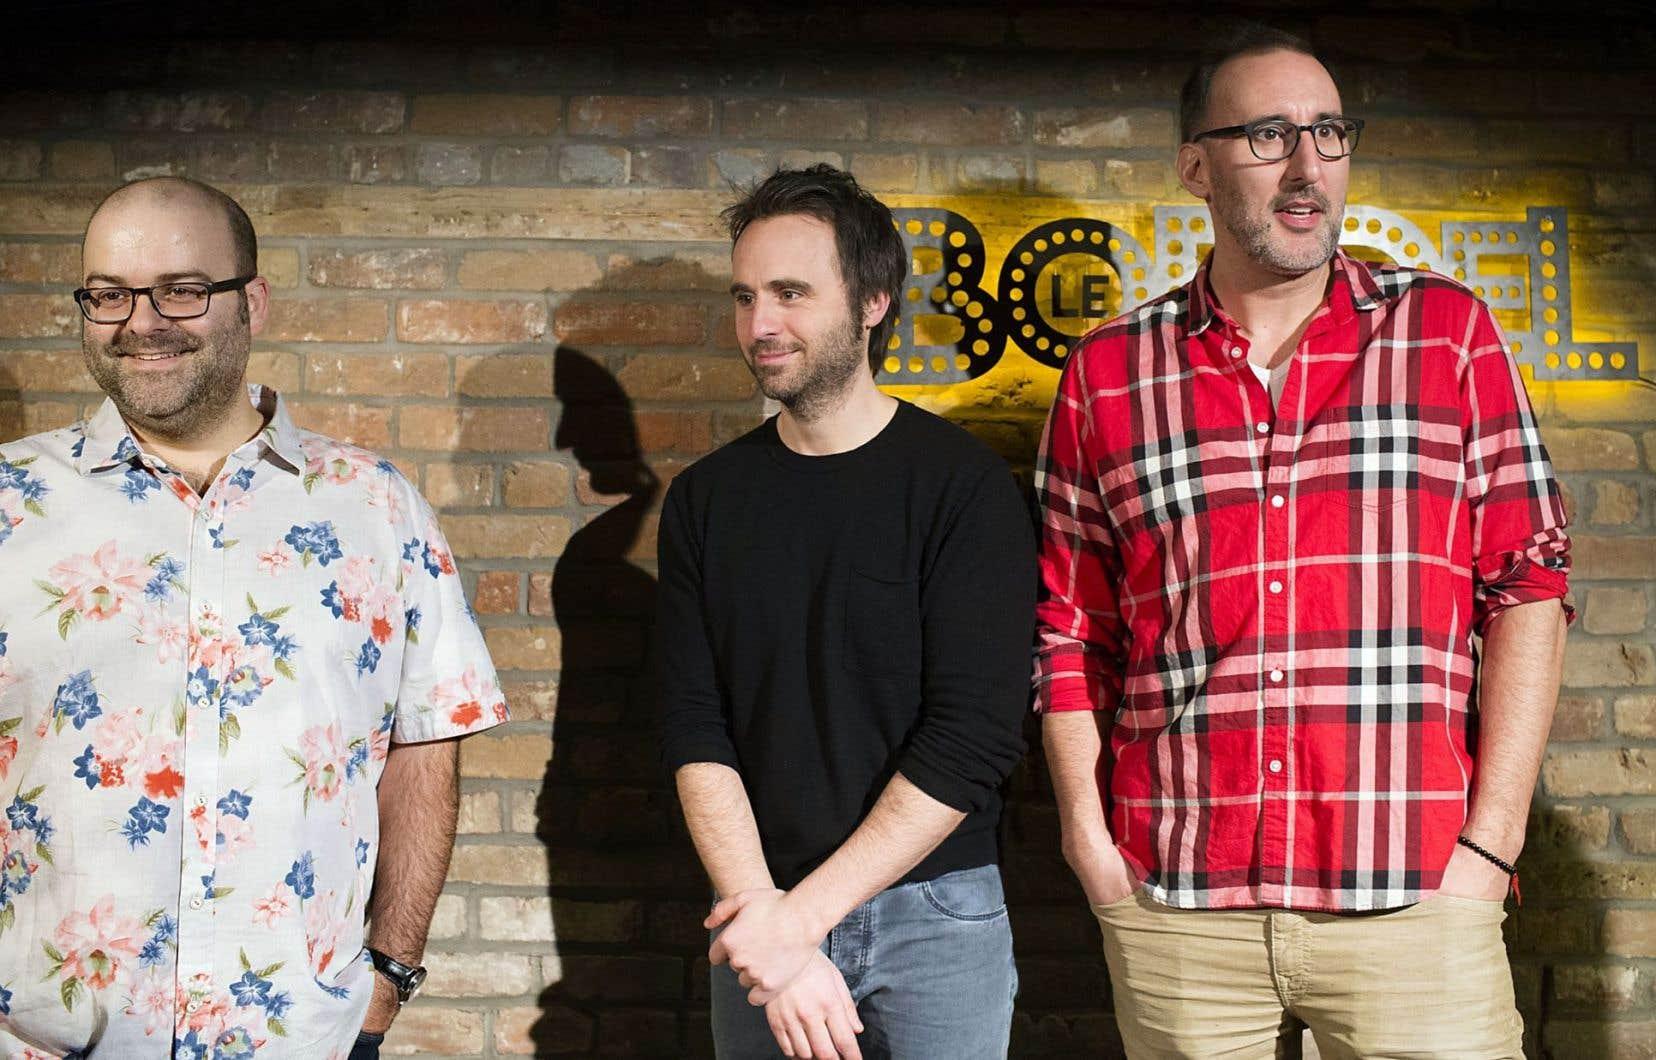 Laurent Paquin, Louis-José Houde et Martin Petit font partie du collectif d'humoristes désireux de fonder un nouveau festival d'humour à Montréal. Sur la photo, ils font l'annonce de l'ouverture de la salle de spectacle Le Bordel consacrée à l'humour en avril 2015.